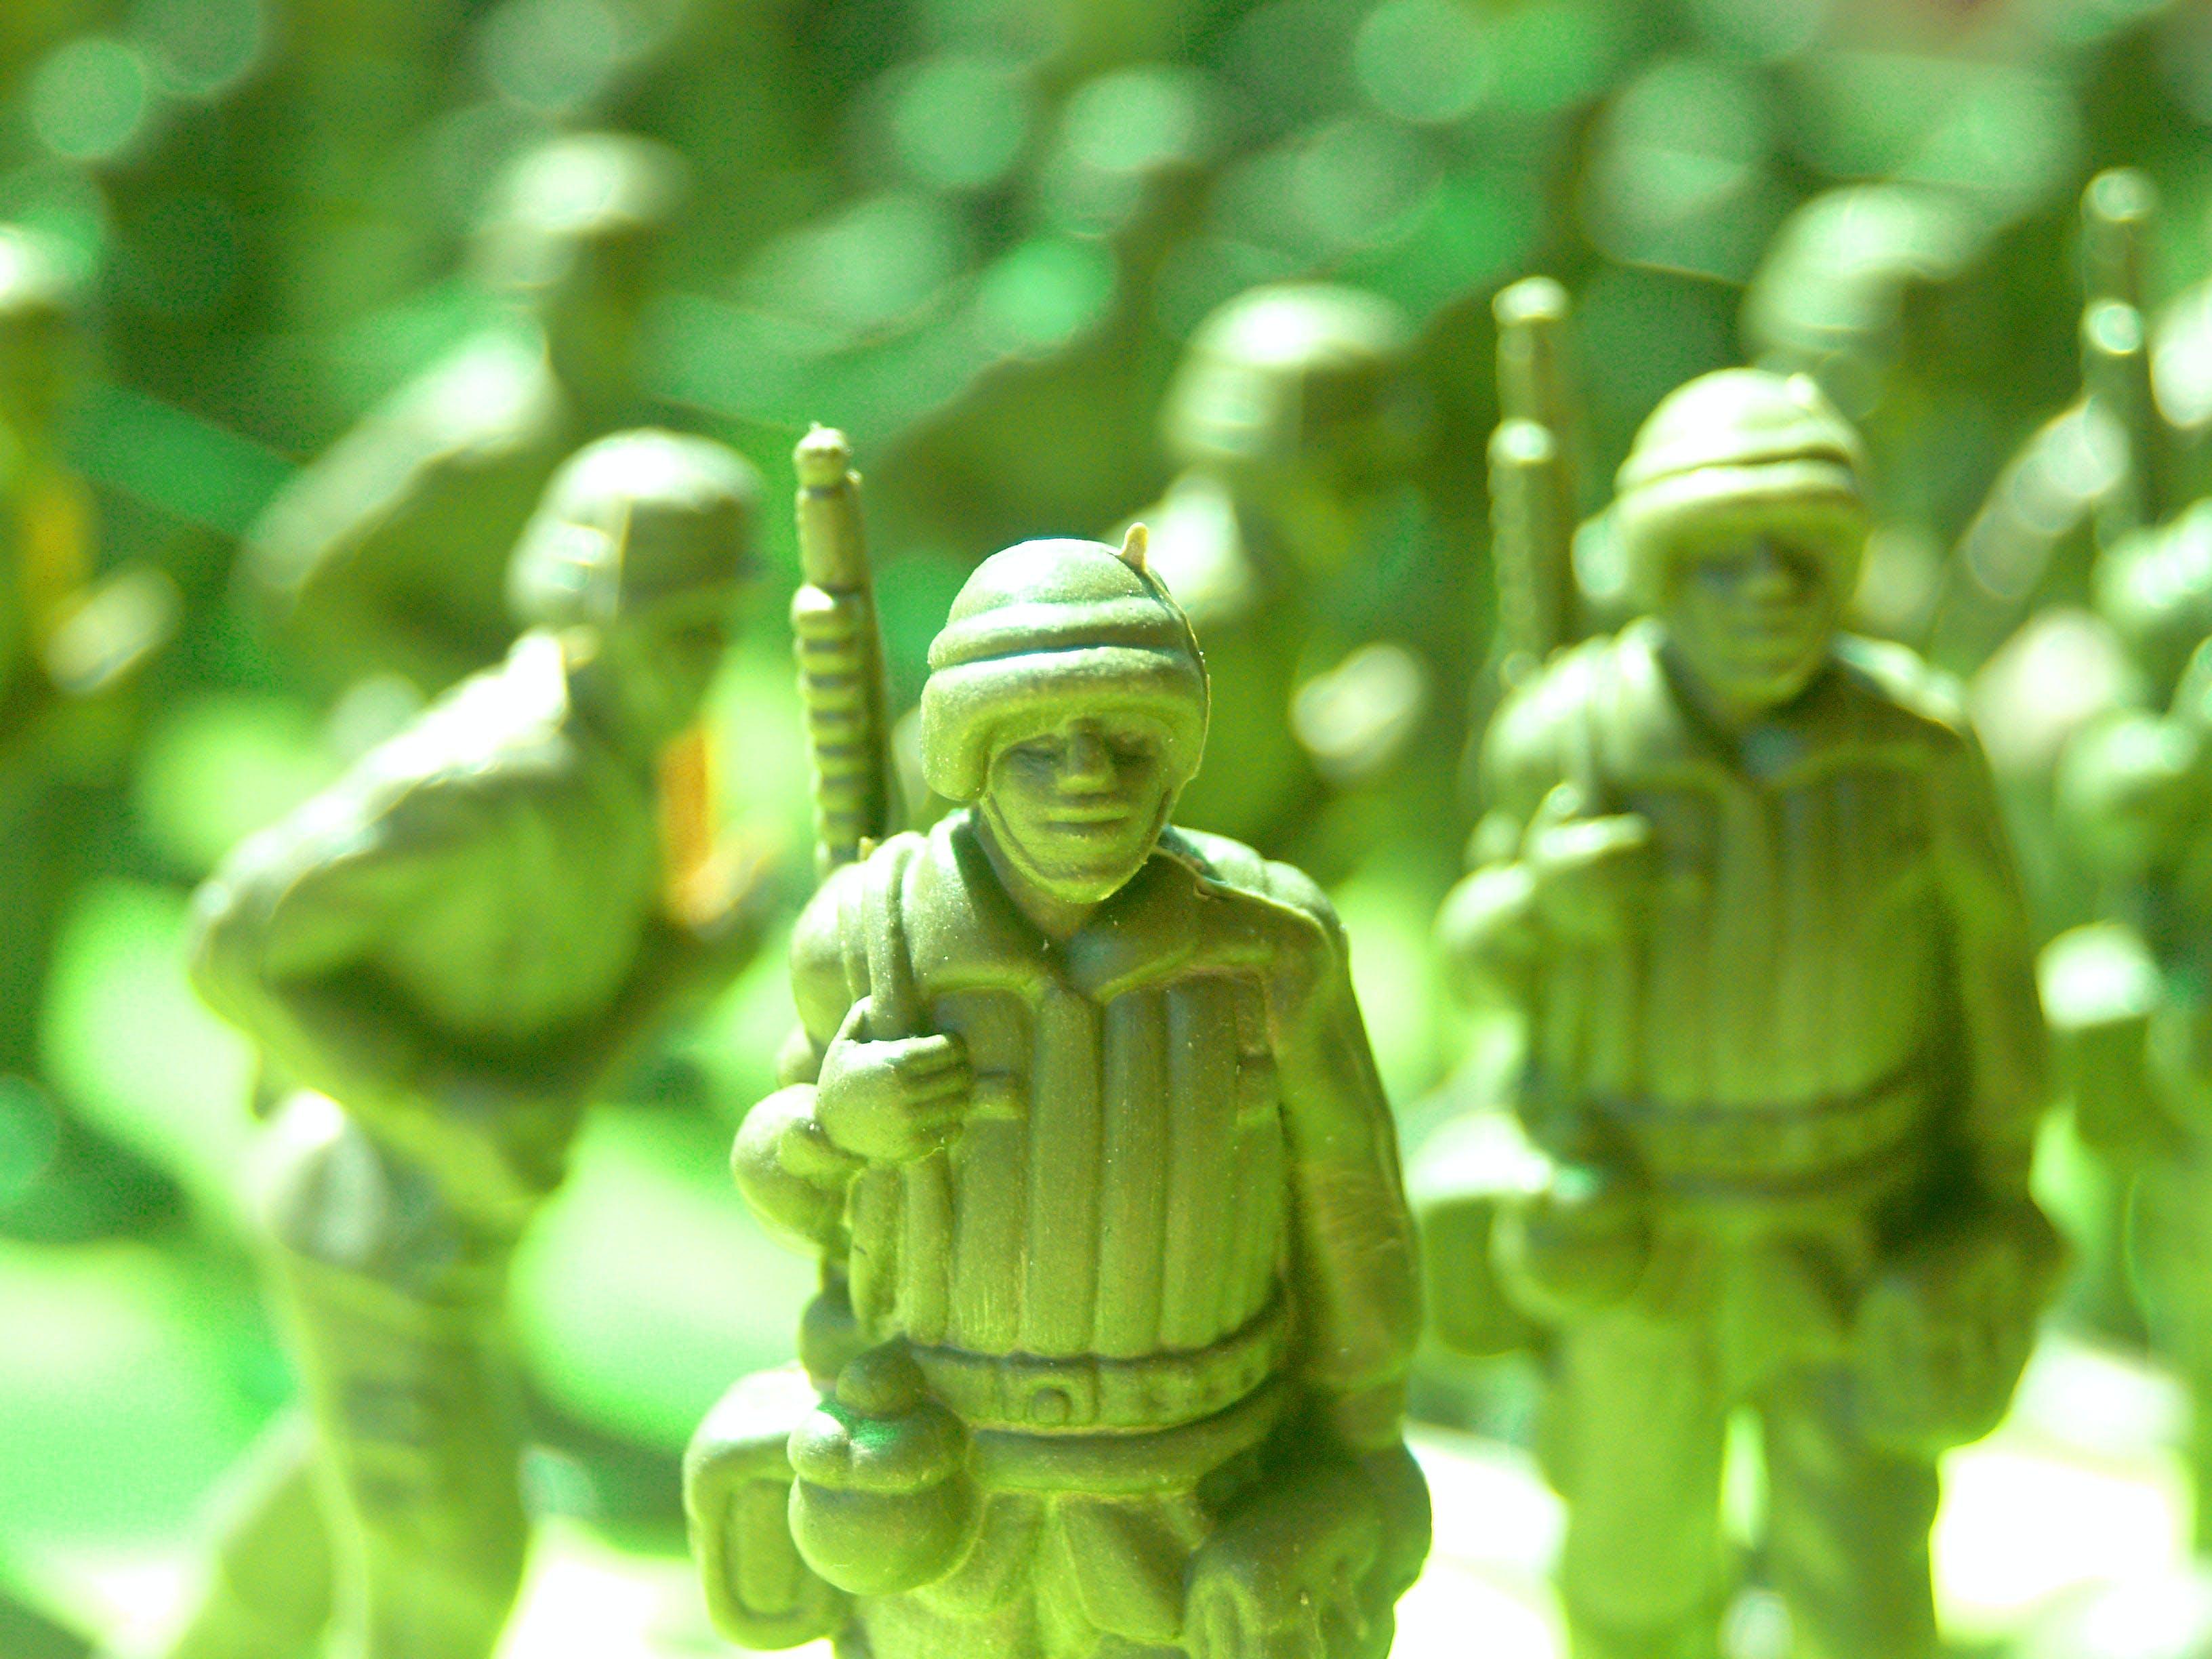 군대, 군복, 녹색, 모델의 무료 스톡 사진